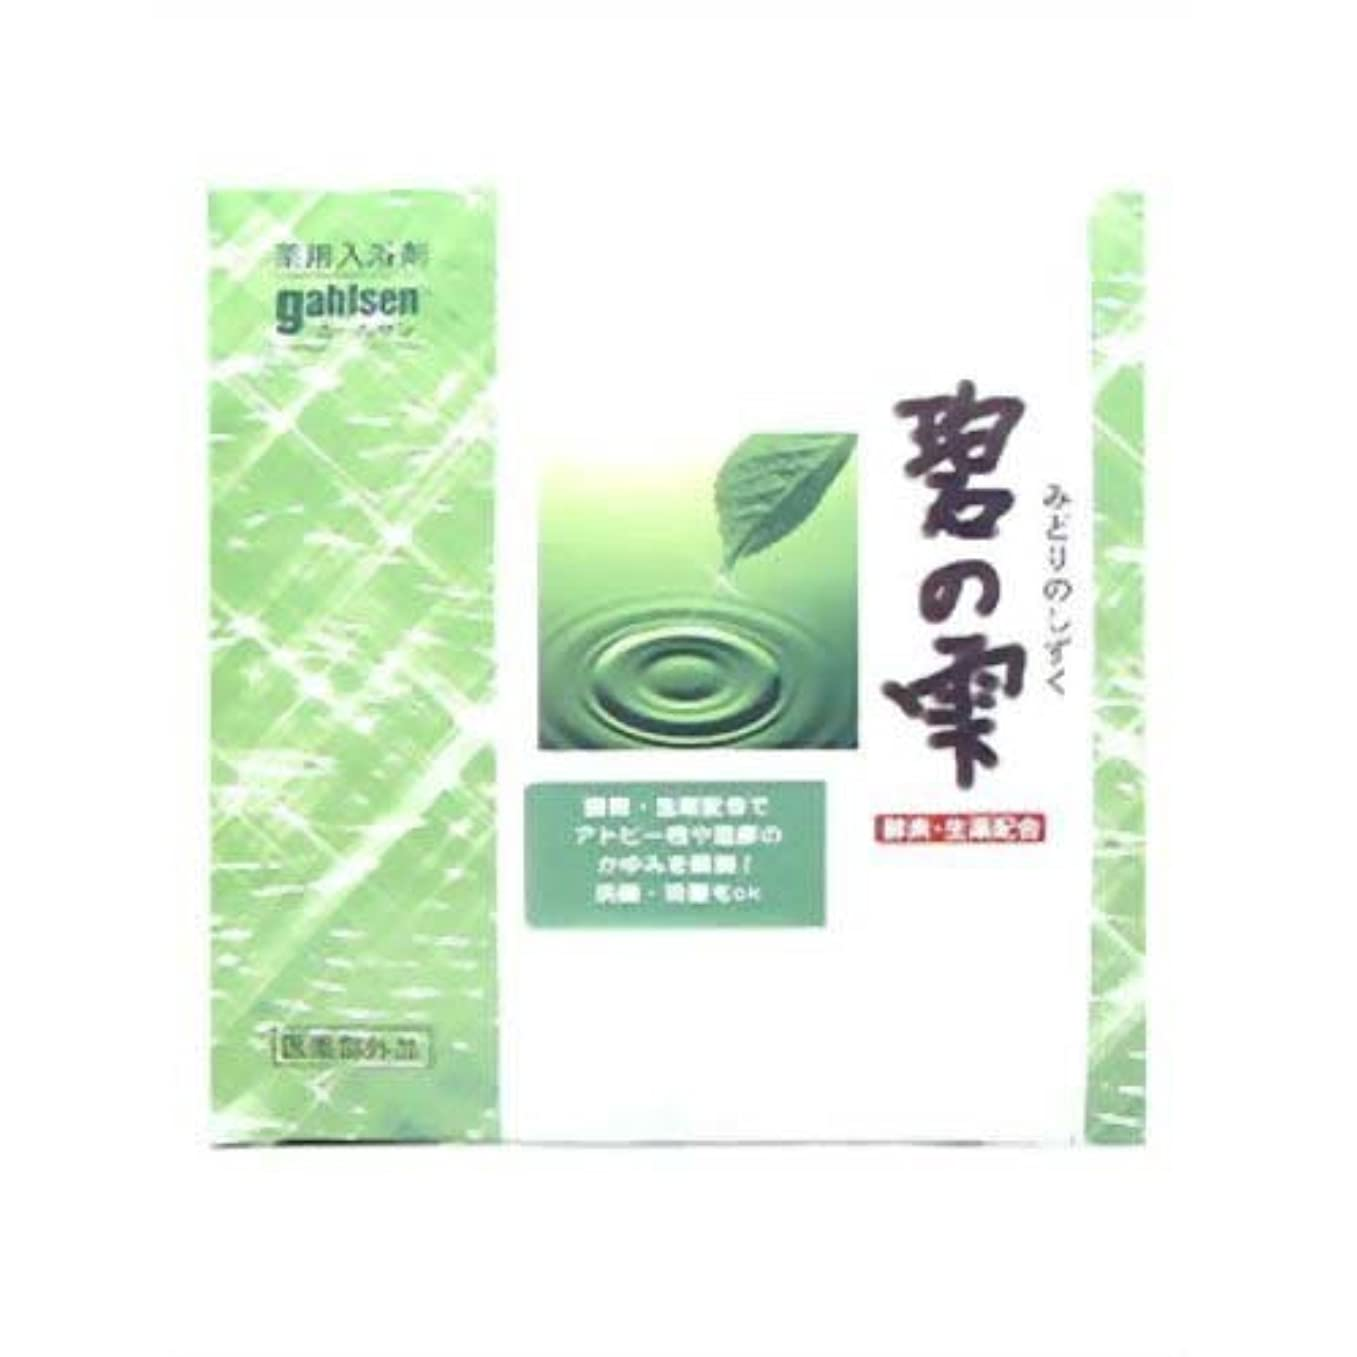 服を洗う伝記残忍な東海美商 酵素入浴剤ガールセン「碧の雫」 20g×48包